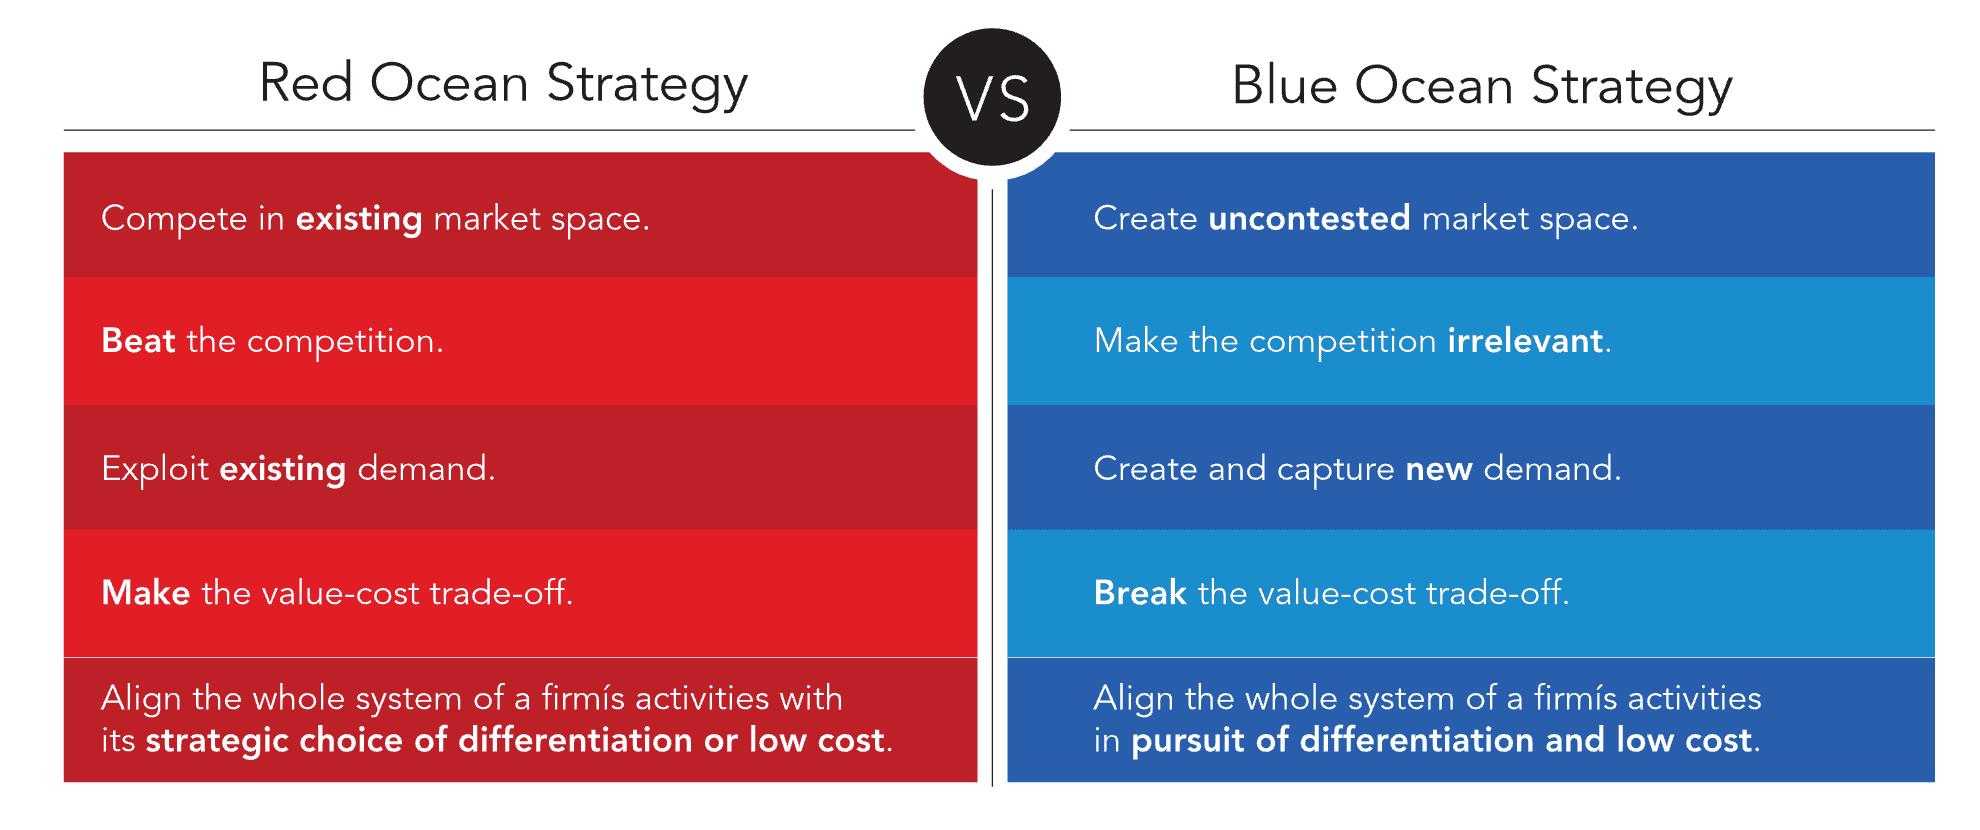 Estratégia do Oceano Vermelho vs Estratégia do Oceano Azu